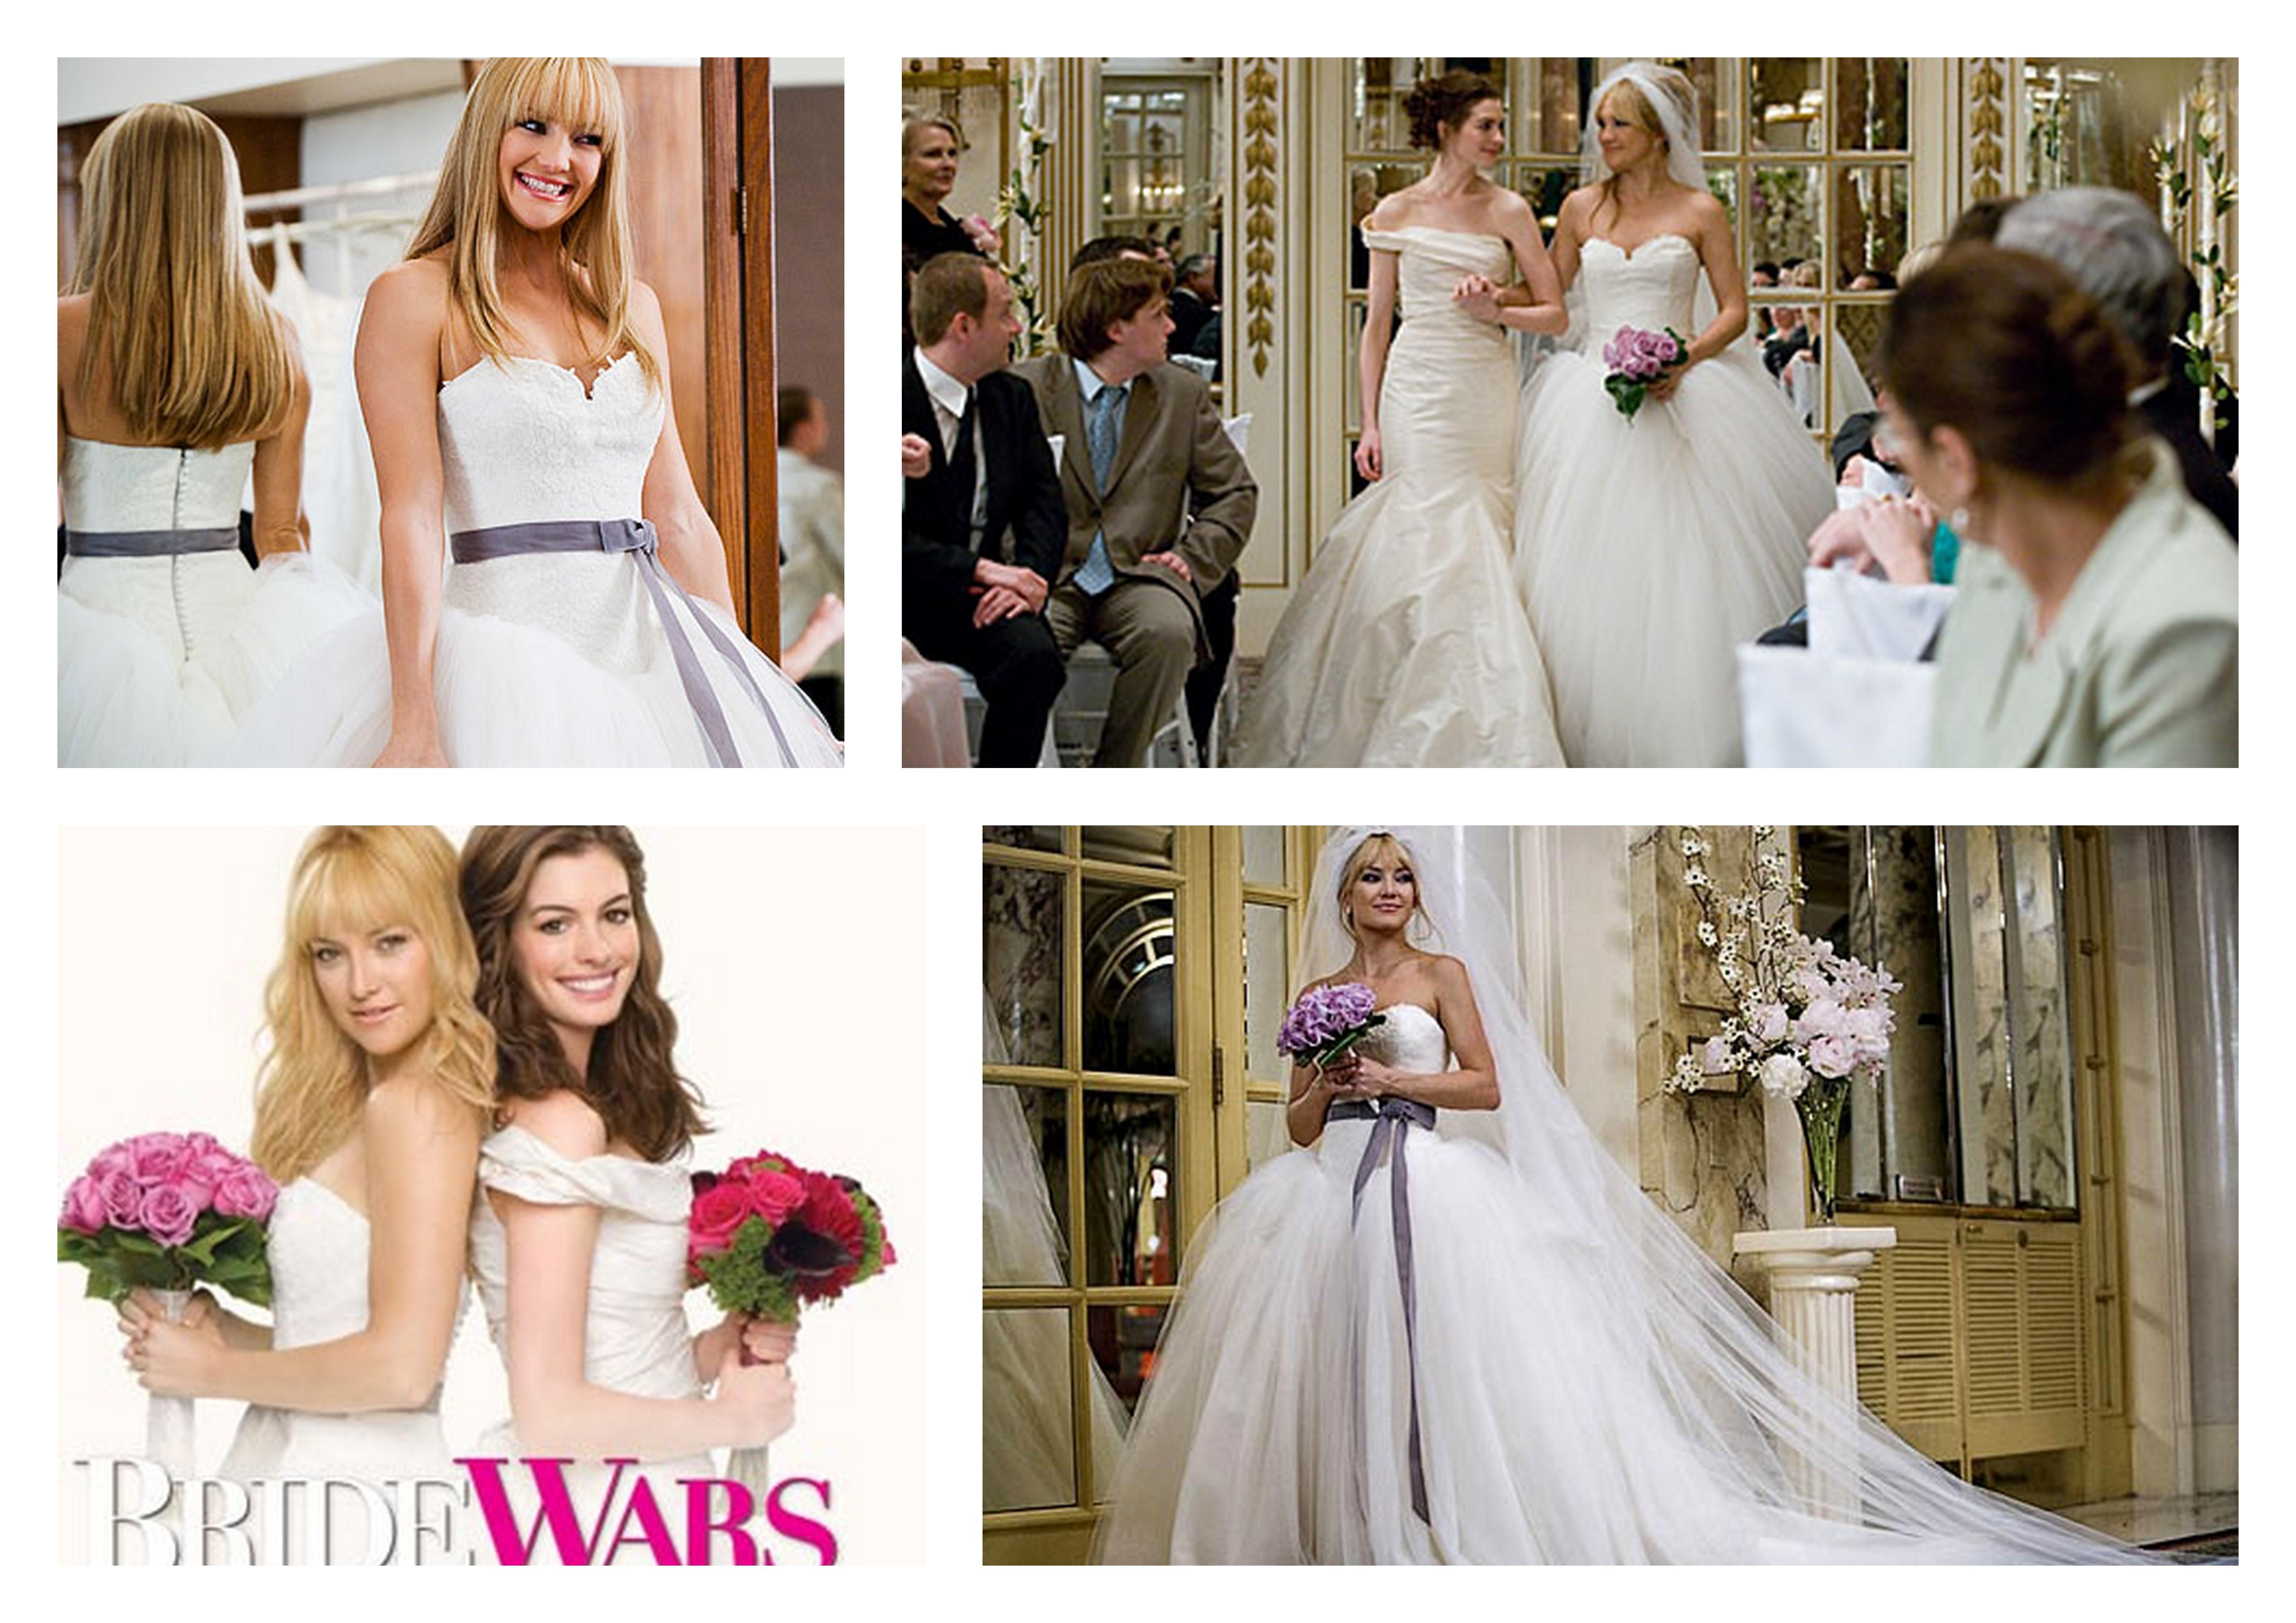 Jennifer Lopez Monster In Law Wedding Dress Viewing Gallery